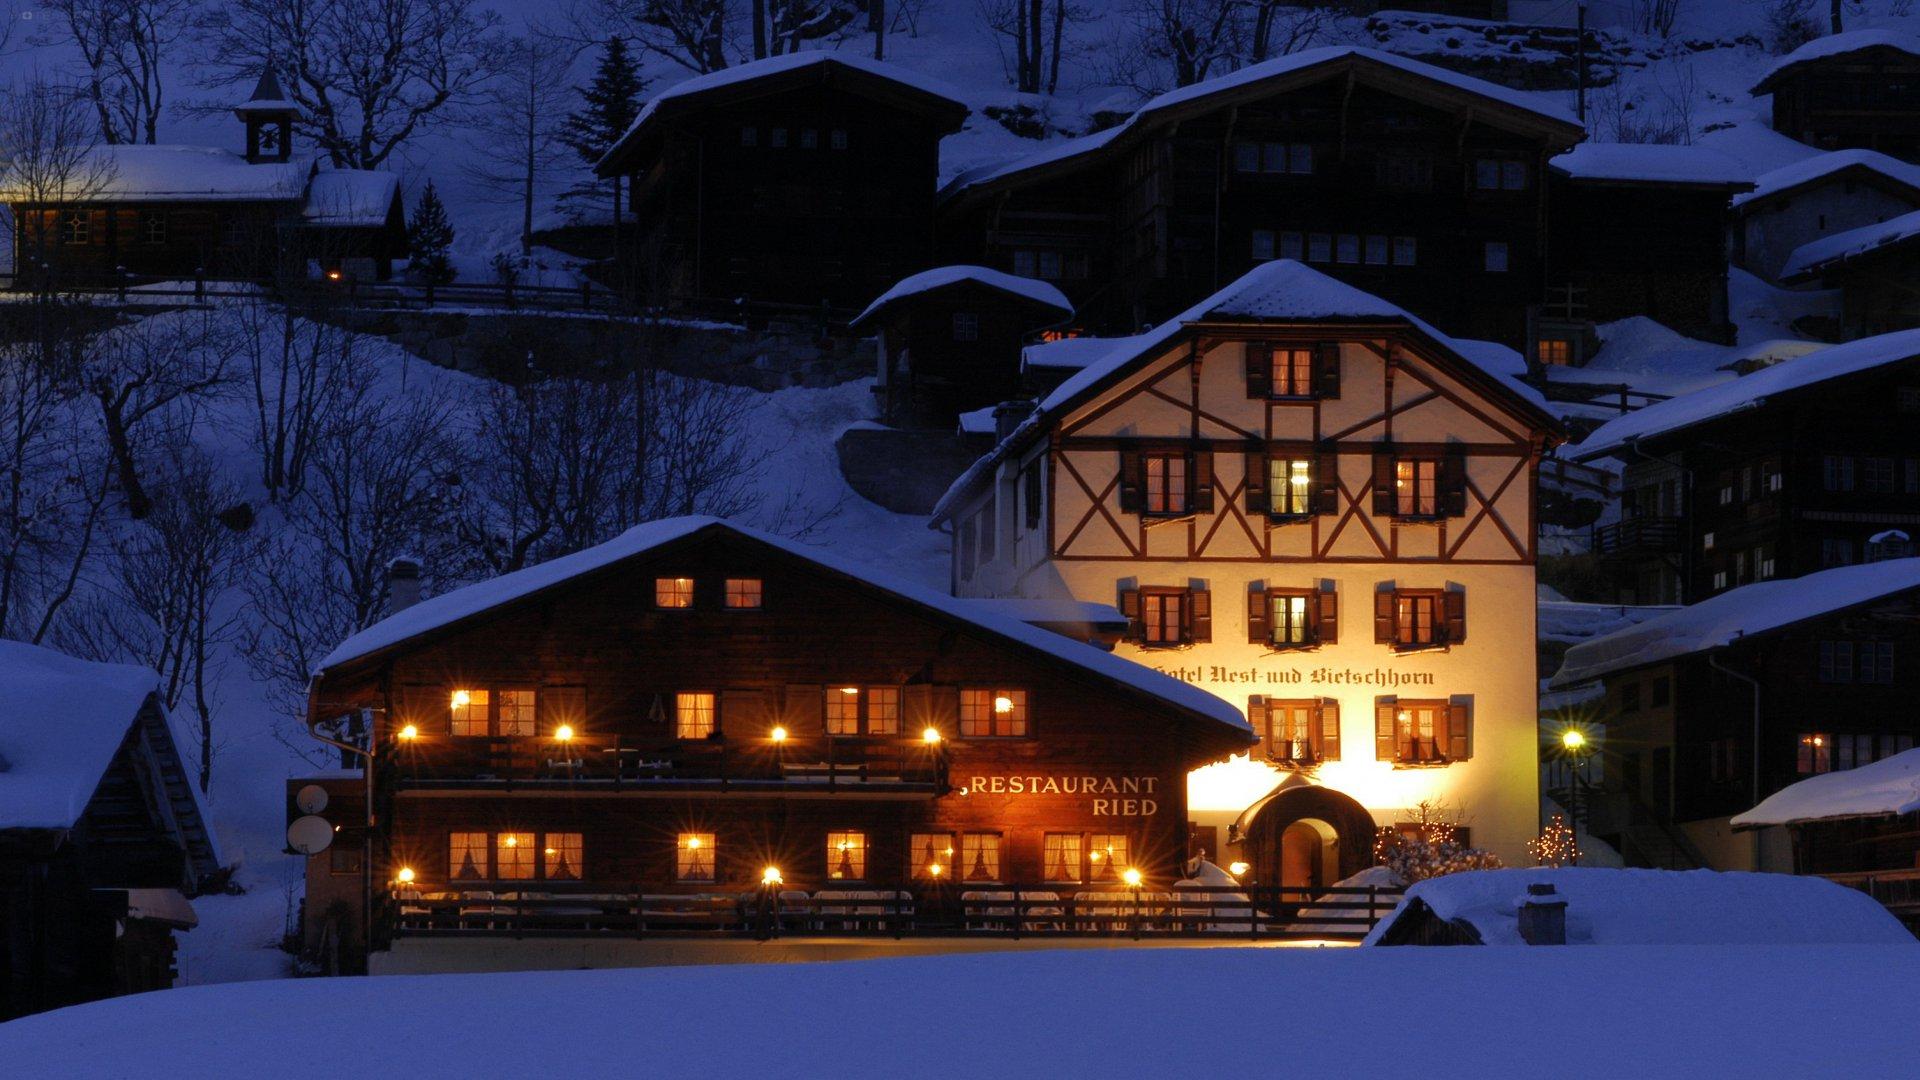 Hotel Nest- und Bietschhorn 2